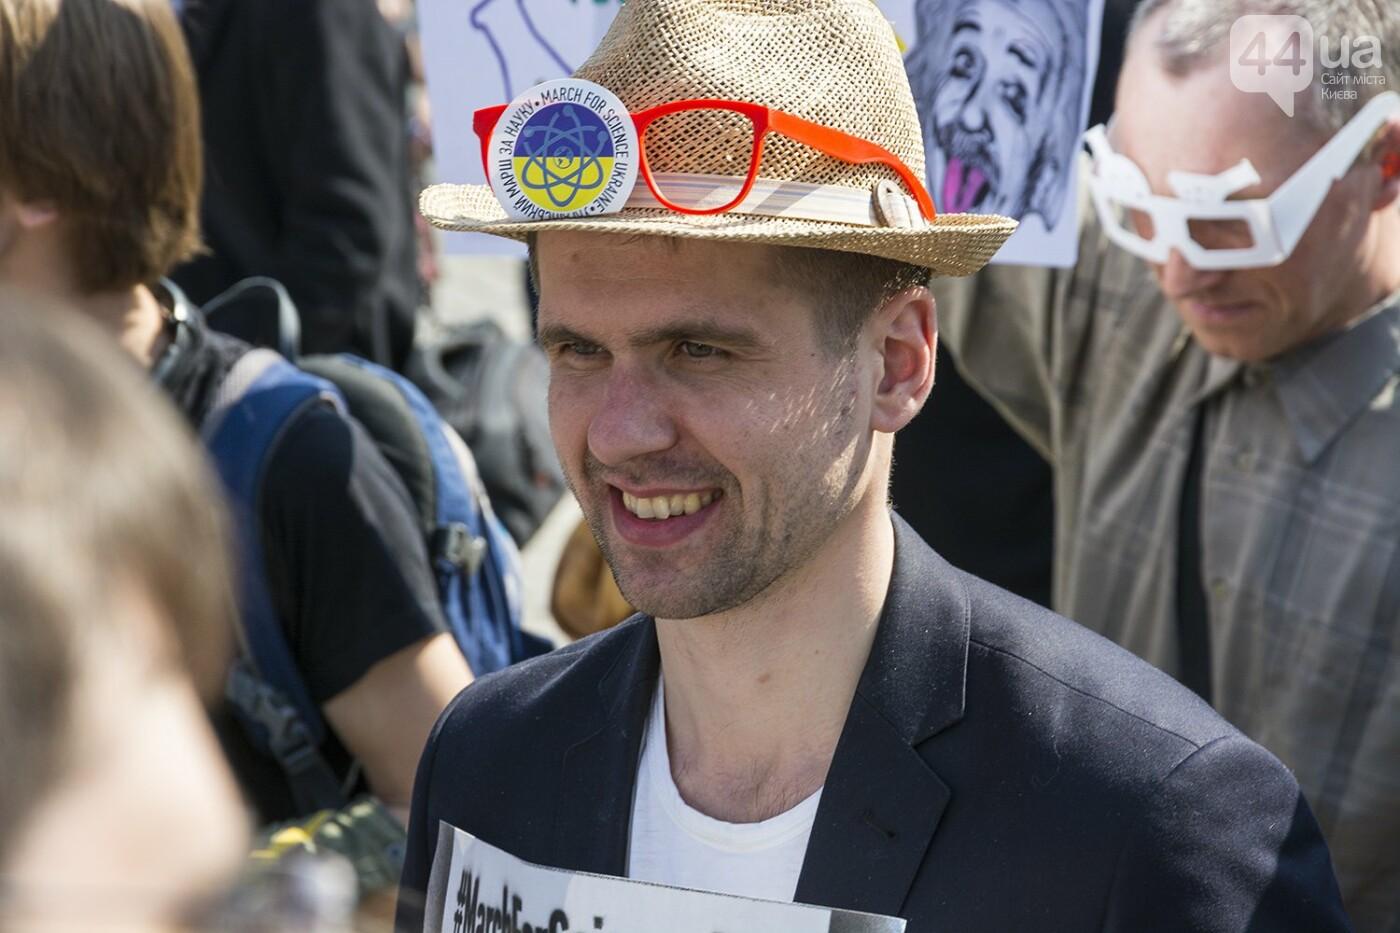 Ученые против мракобесия: в Киеве прошел марш за науку, фото-32